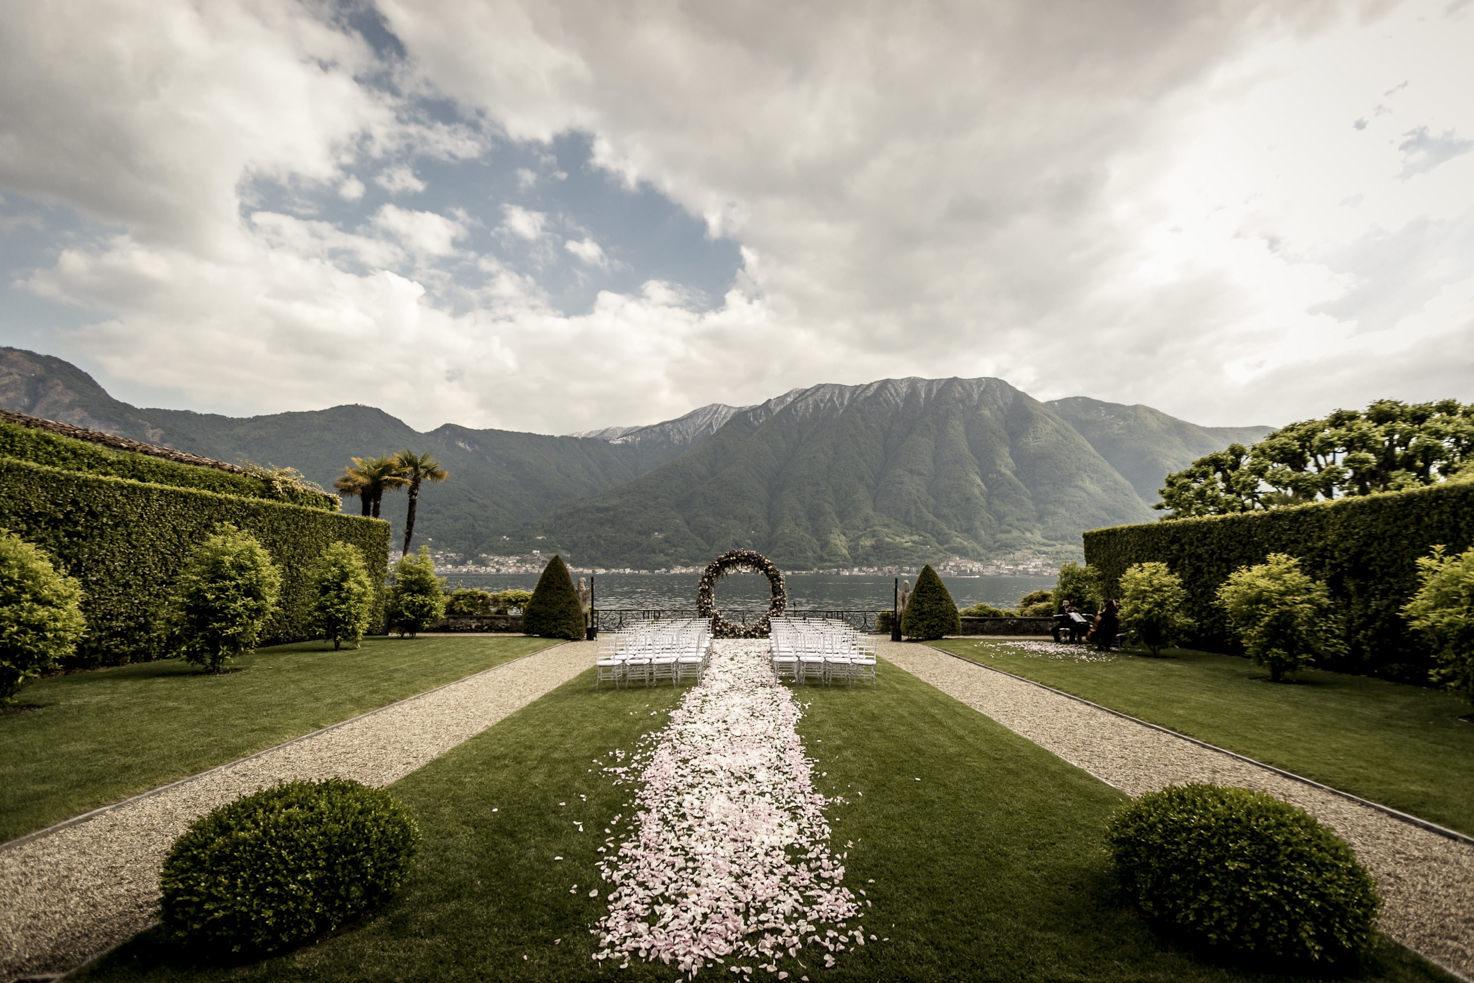 Wedding ceremony in the gardens of Villa Il Balbiano